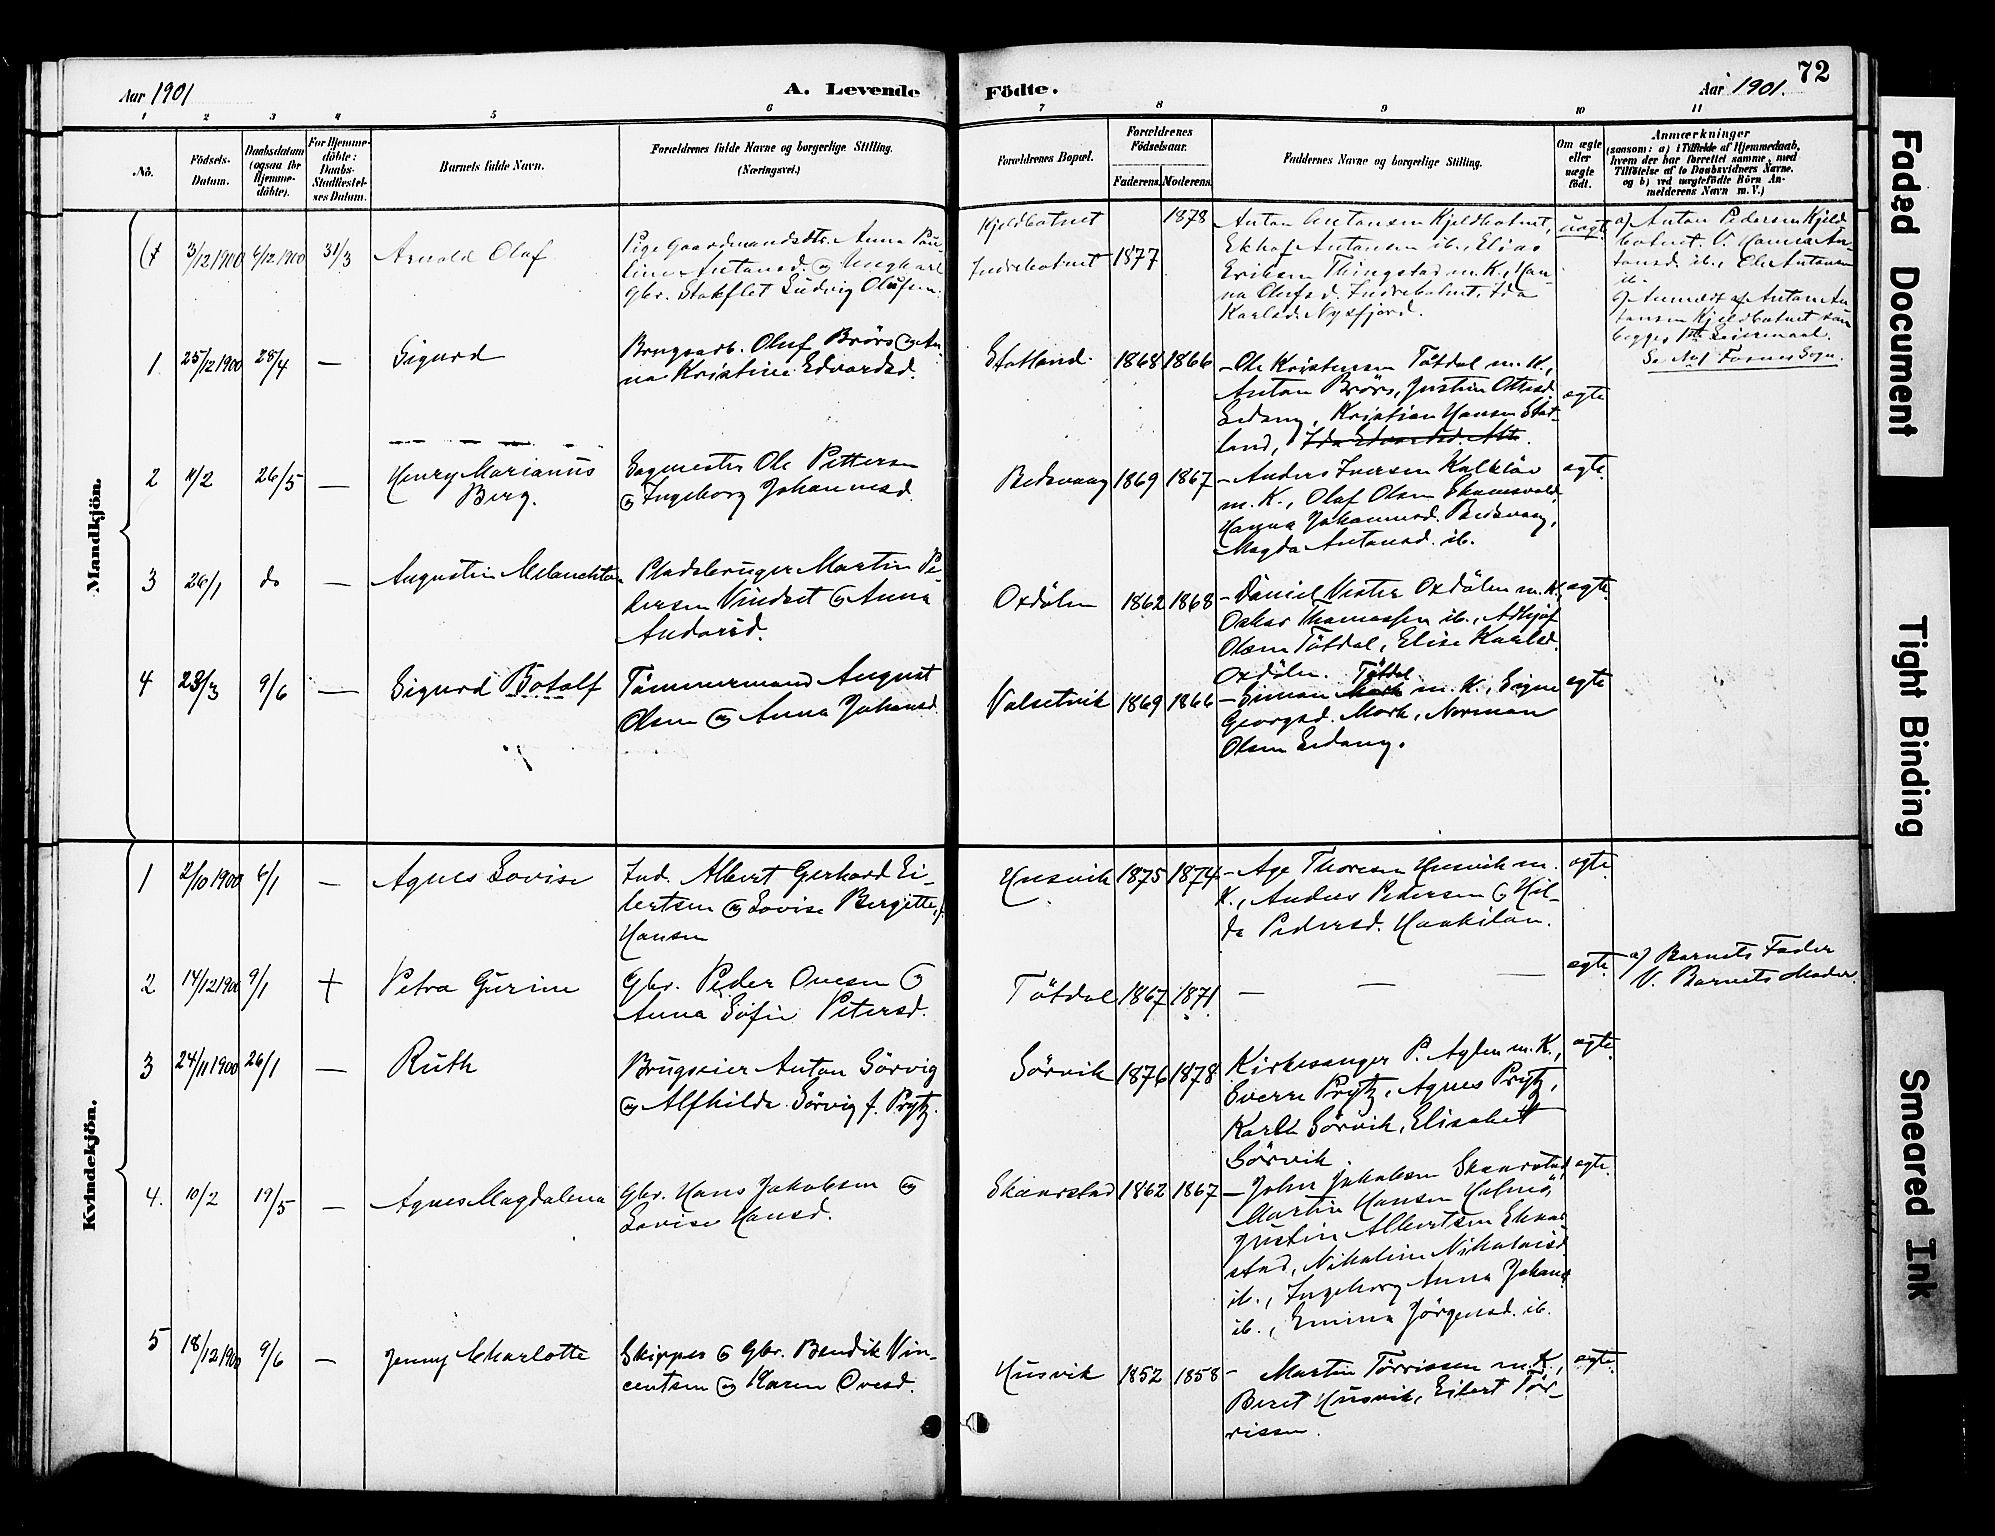 SAT, Ministerialprotokoller, klokkerbøker og fødselsregistre - Nord-Trøndelag, 774/L0628: Parish register (official) no. 774A02, 1887-1903, p. 72